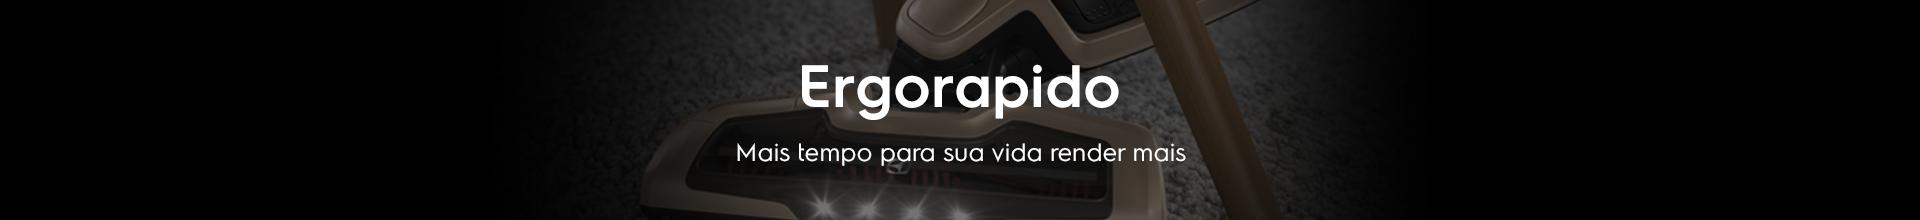 Ergorapidos 2018